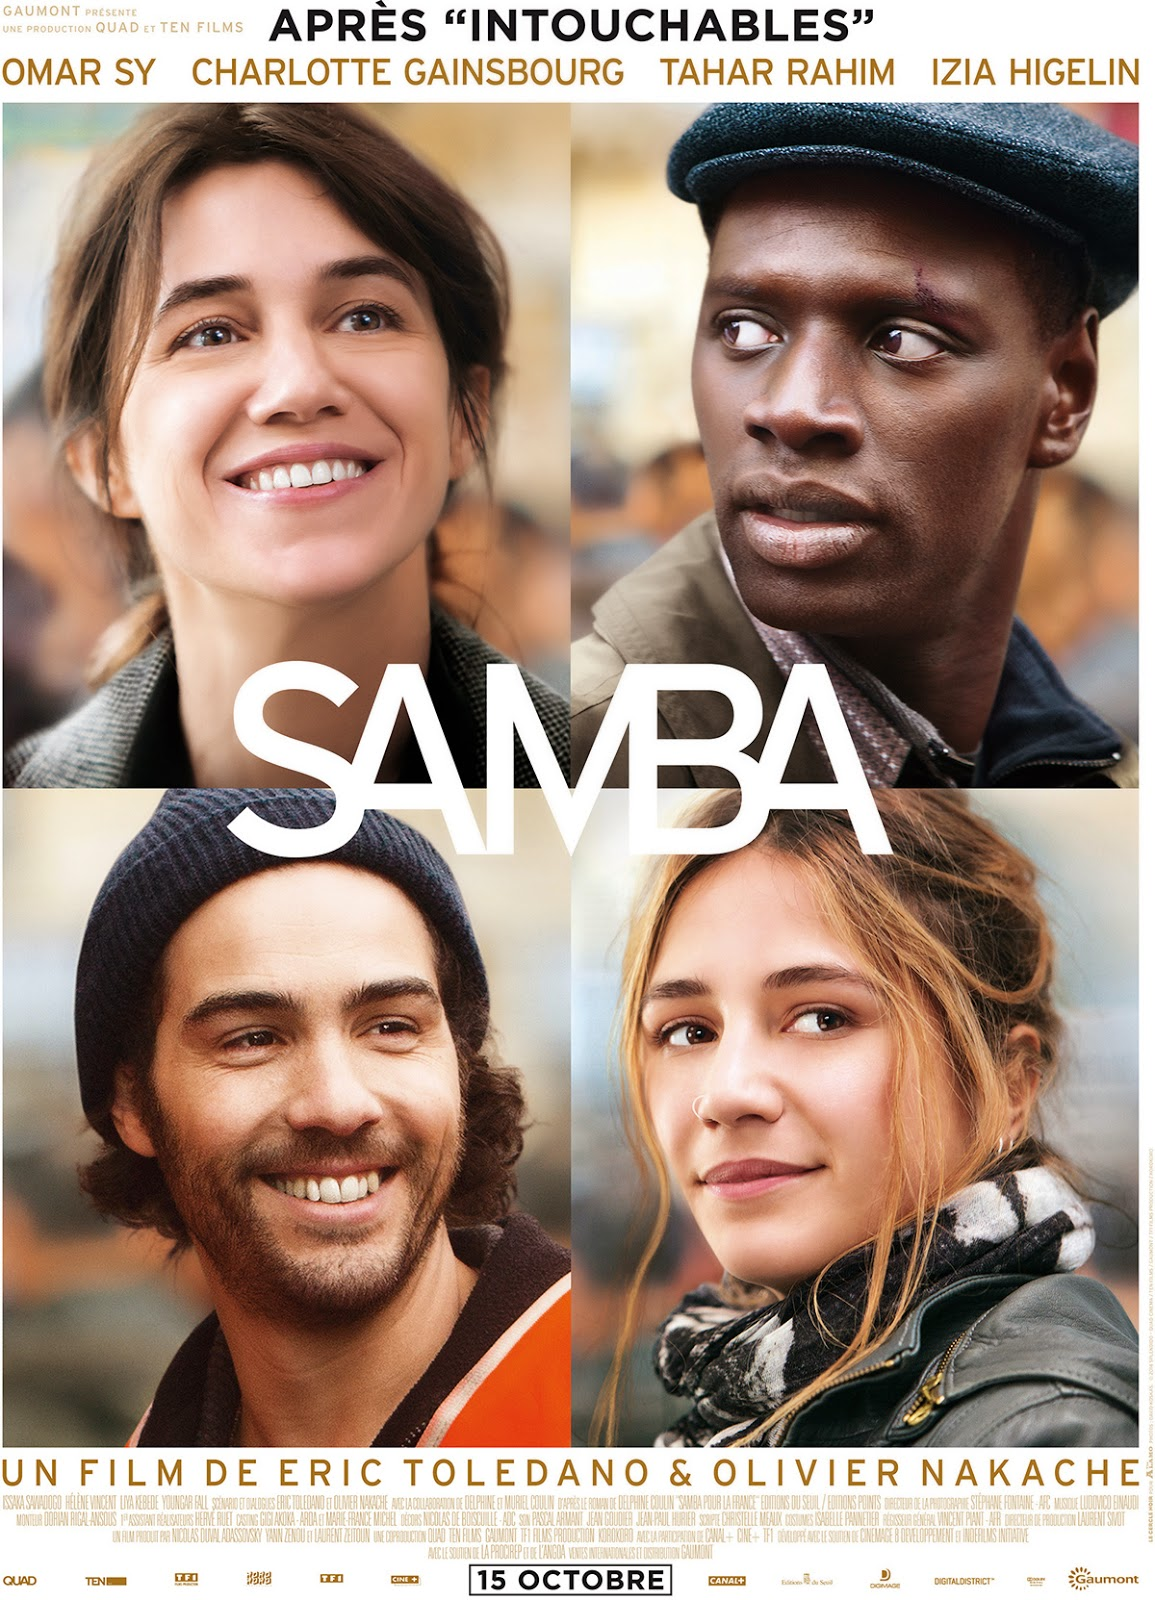 Affiche du film Samba. Source: allocine.fr